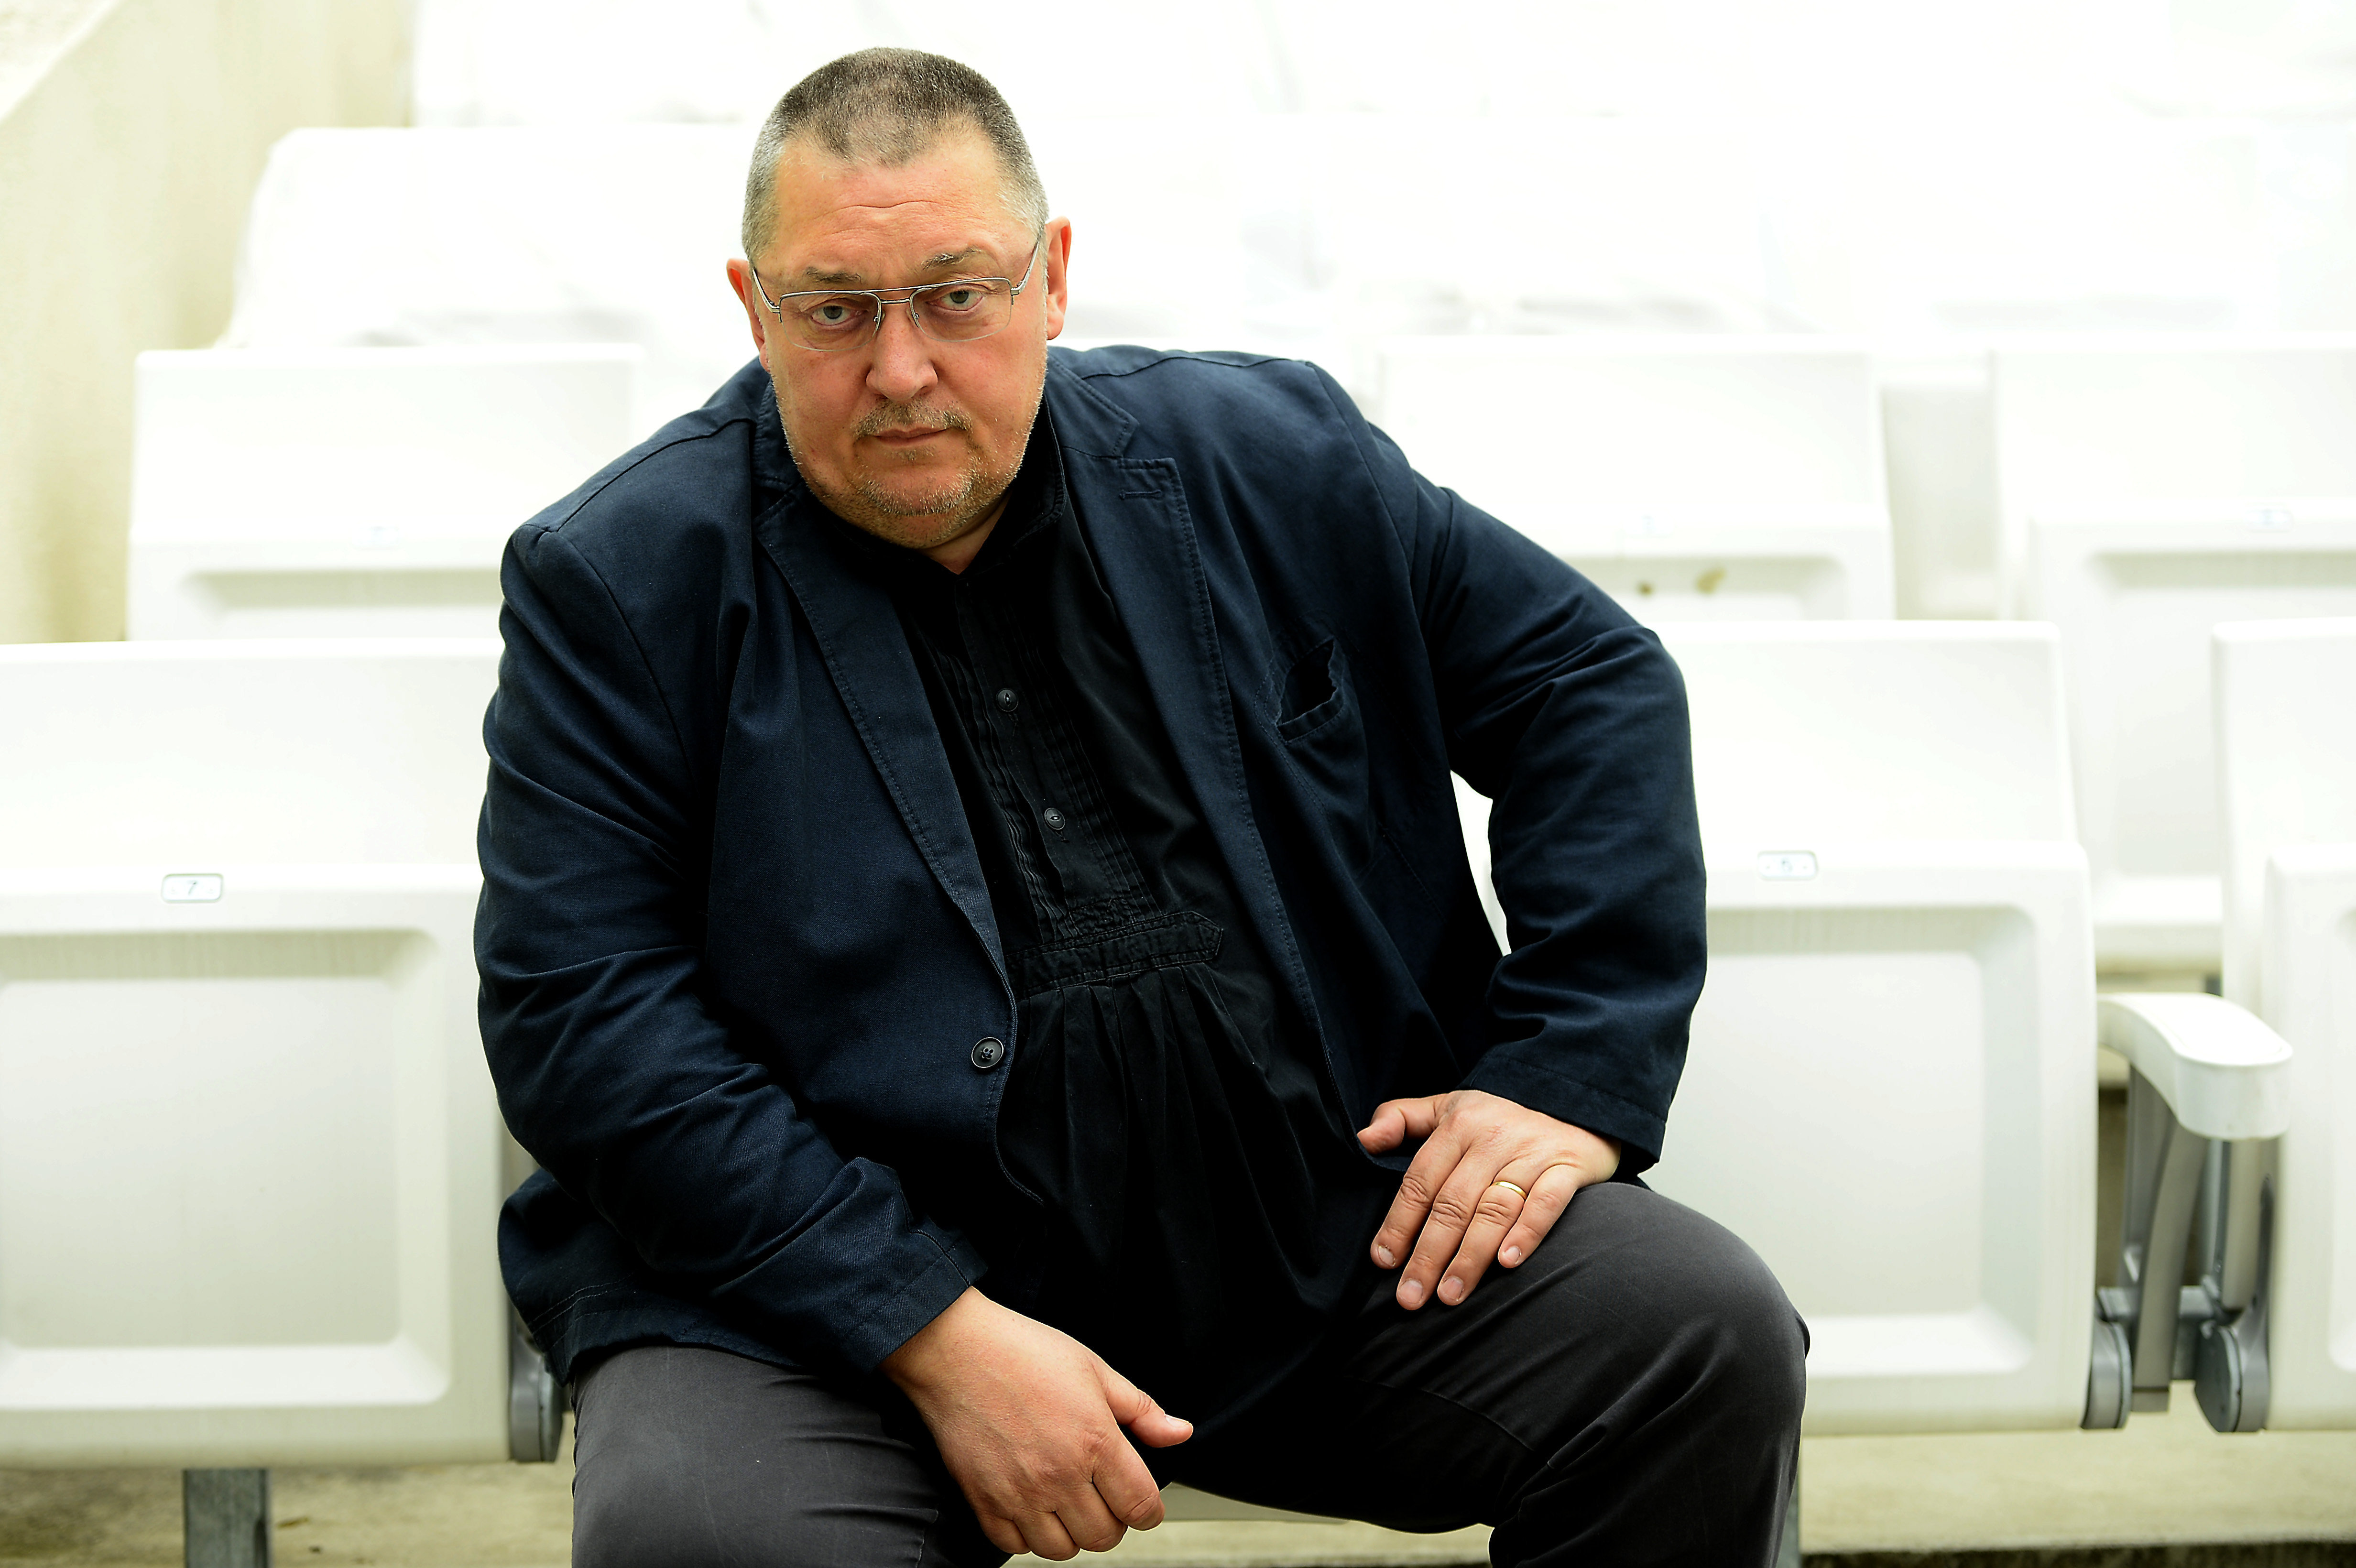 Vidnyánszkyék szerint az SZFE vezetőinek minden tette káosz és feszültség szítására irányul